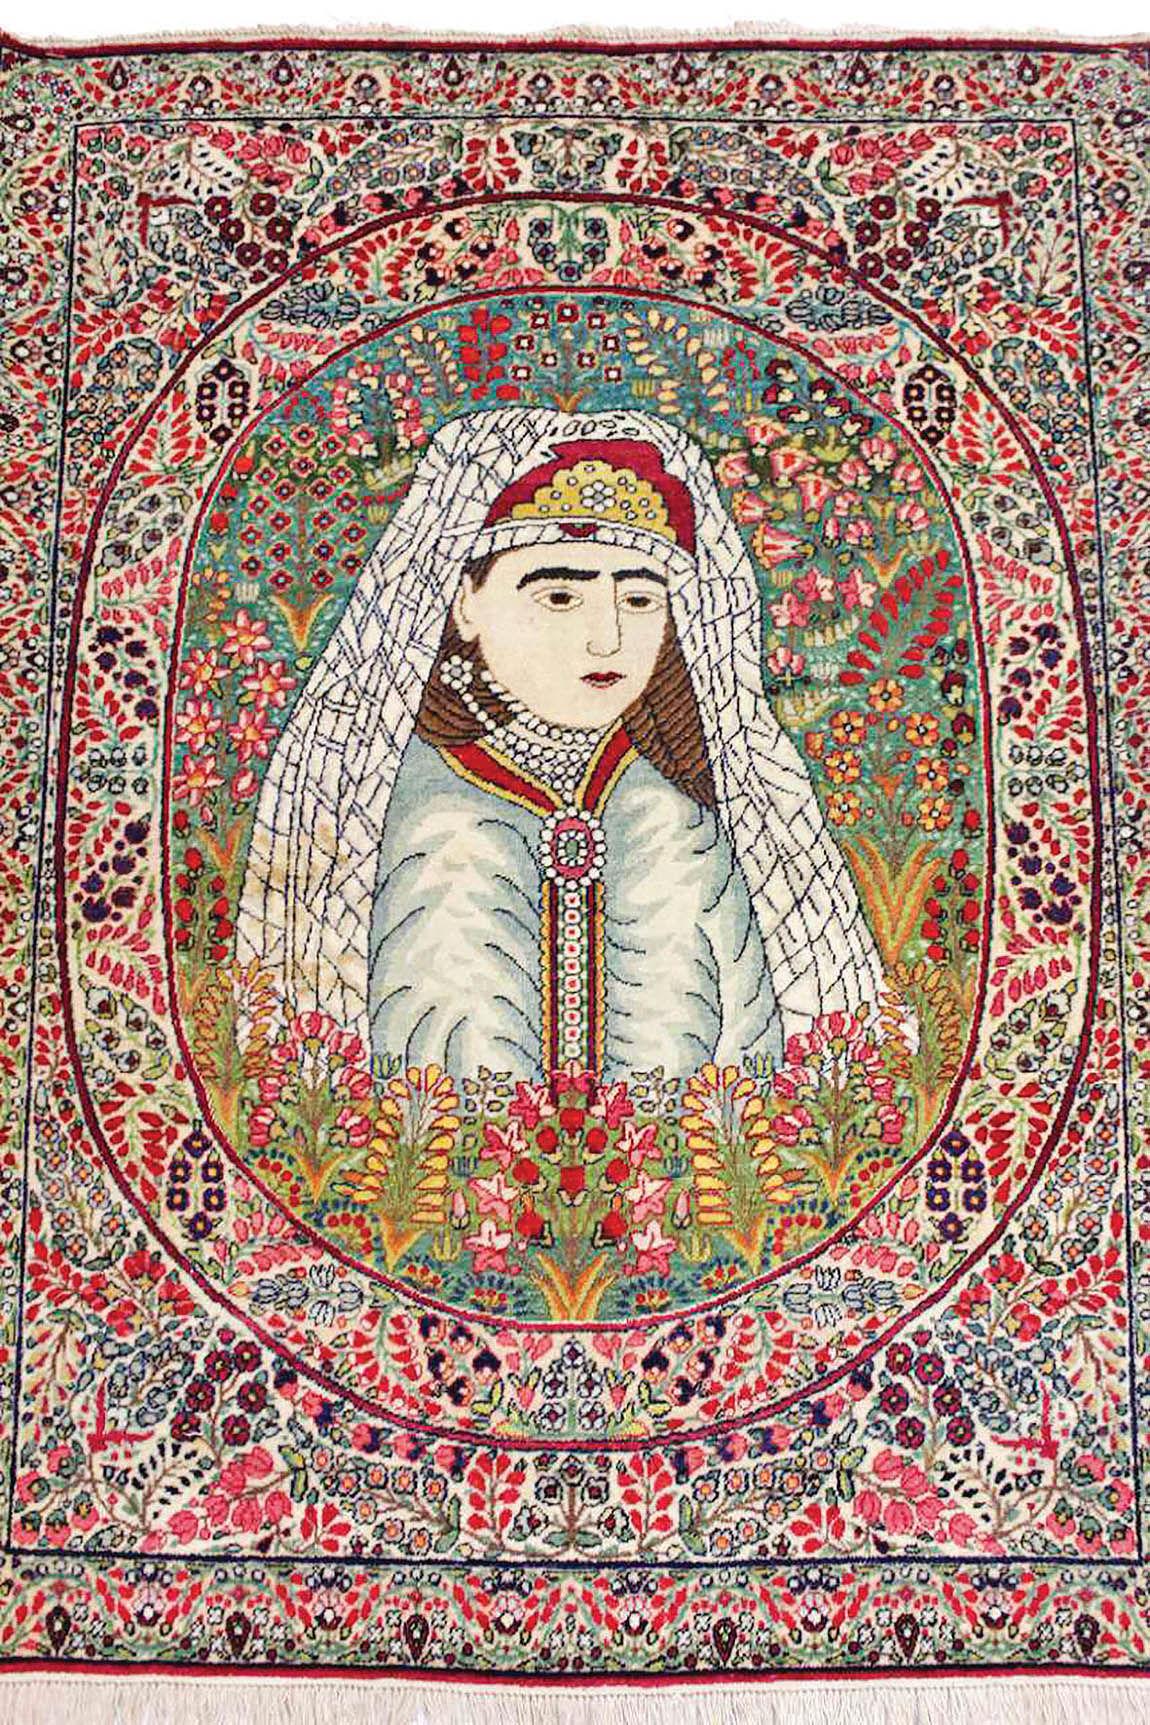 داستان فرش در دوره قاجار